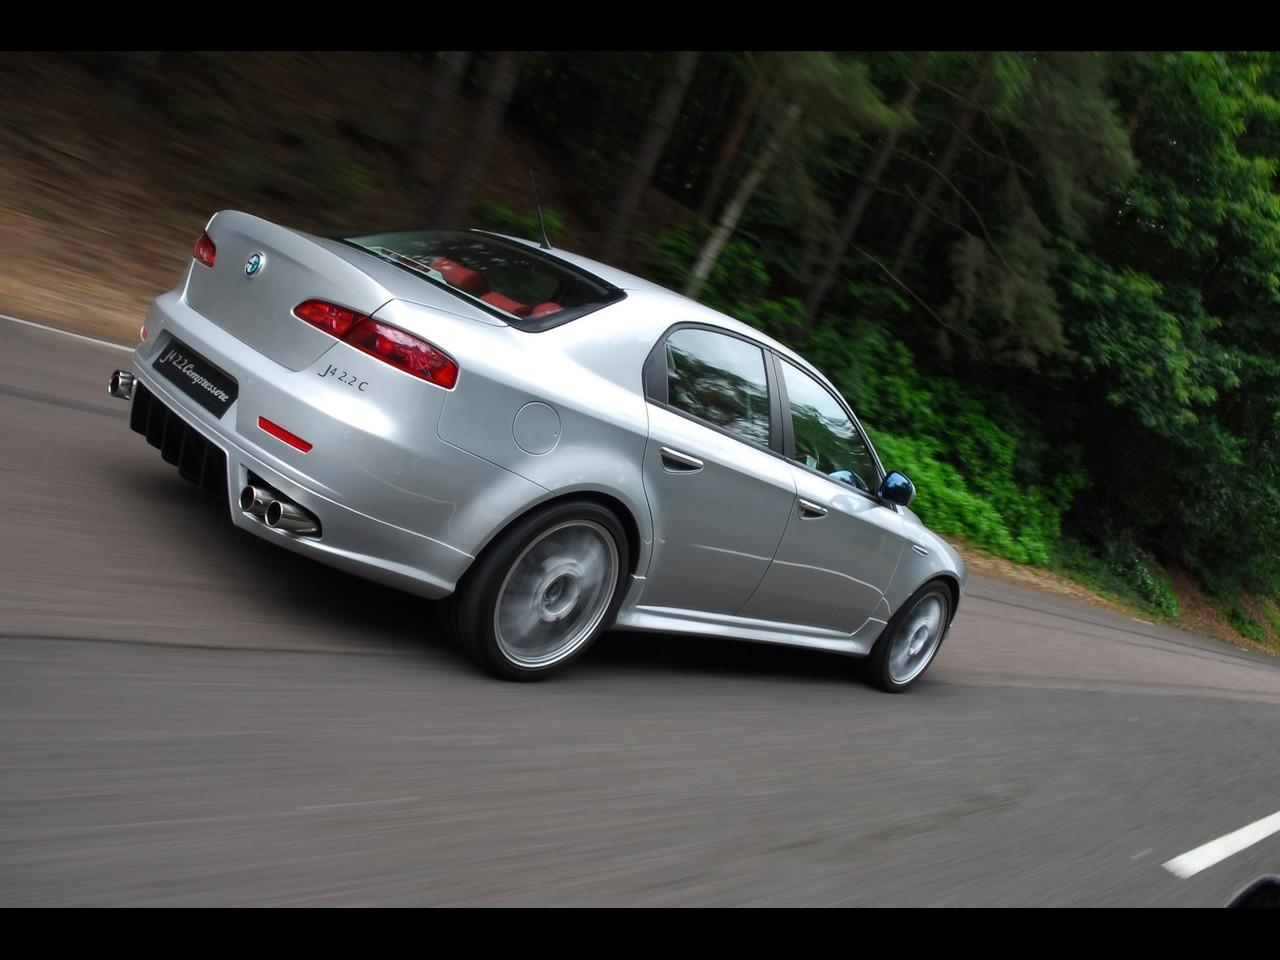 2008 Autodelta-Alfa-Romeo 159 j4 2.2 C